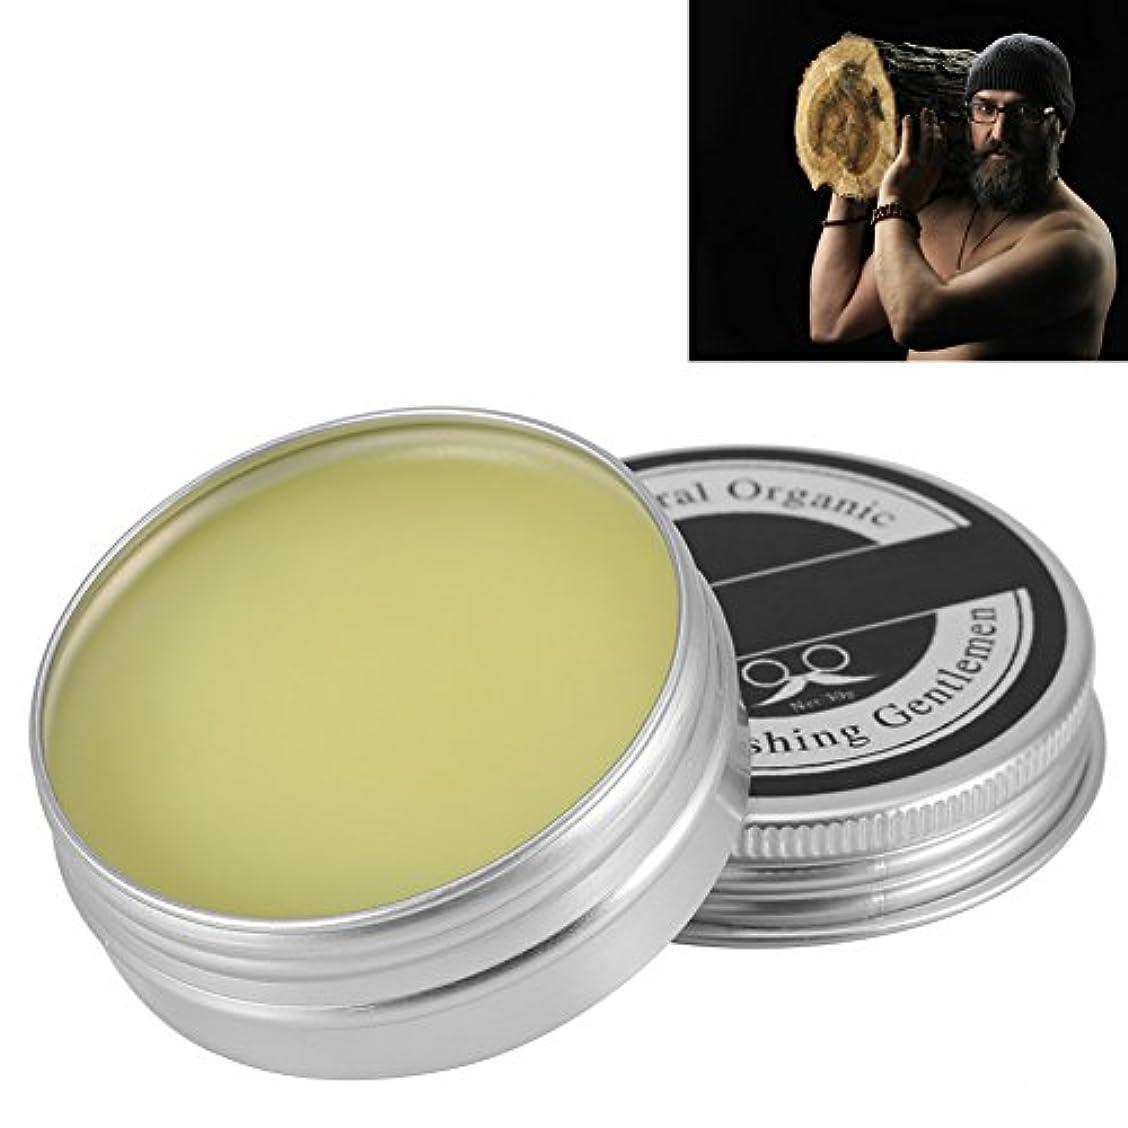 生産的不潔チャネルメンズひげワックス  ひげクリーム 口髭用ワックス  保湿/滋養/ひげ根のケアなどの効果  ひげケア必需品 携帯便利